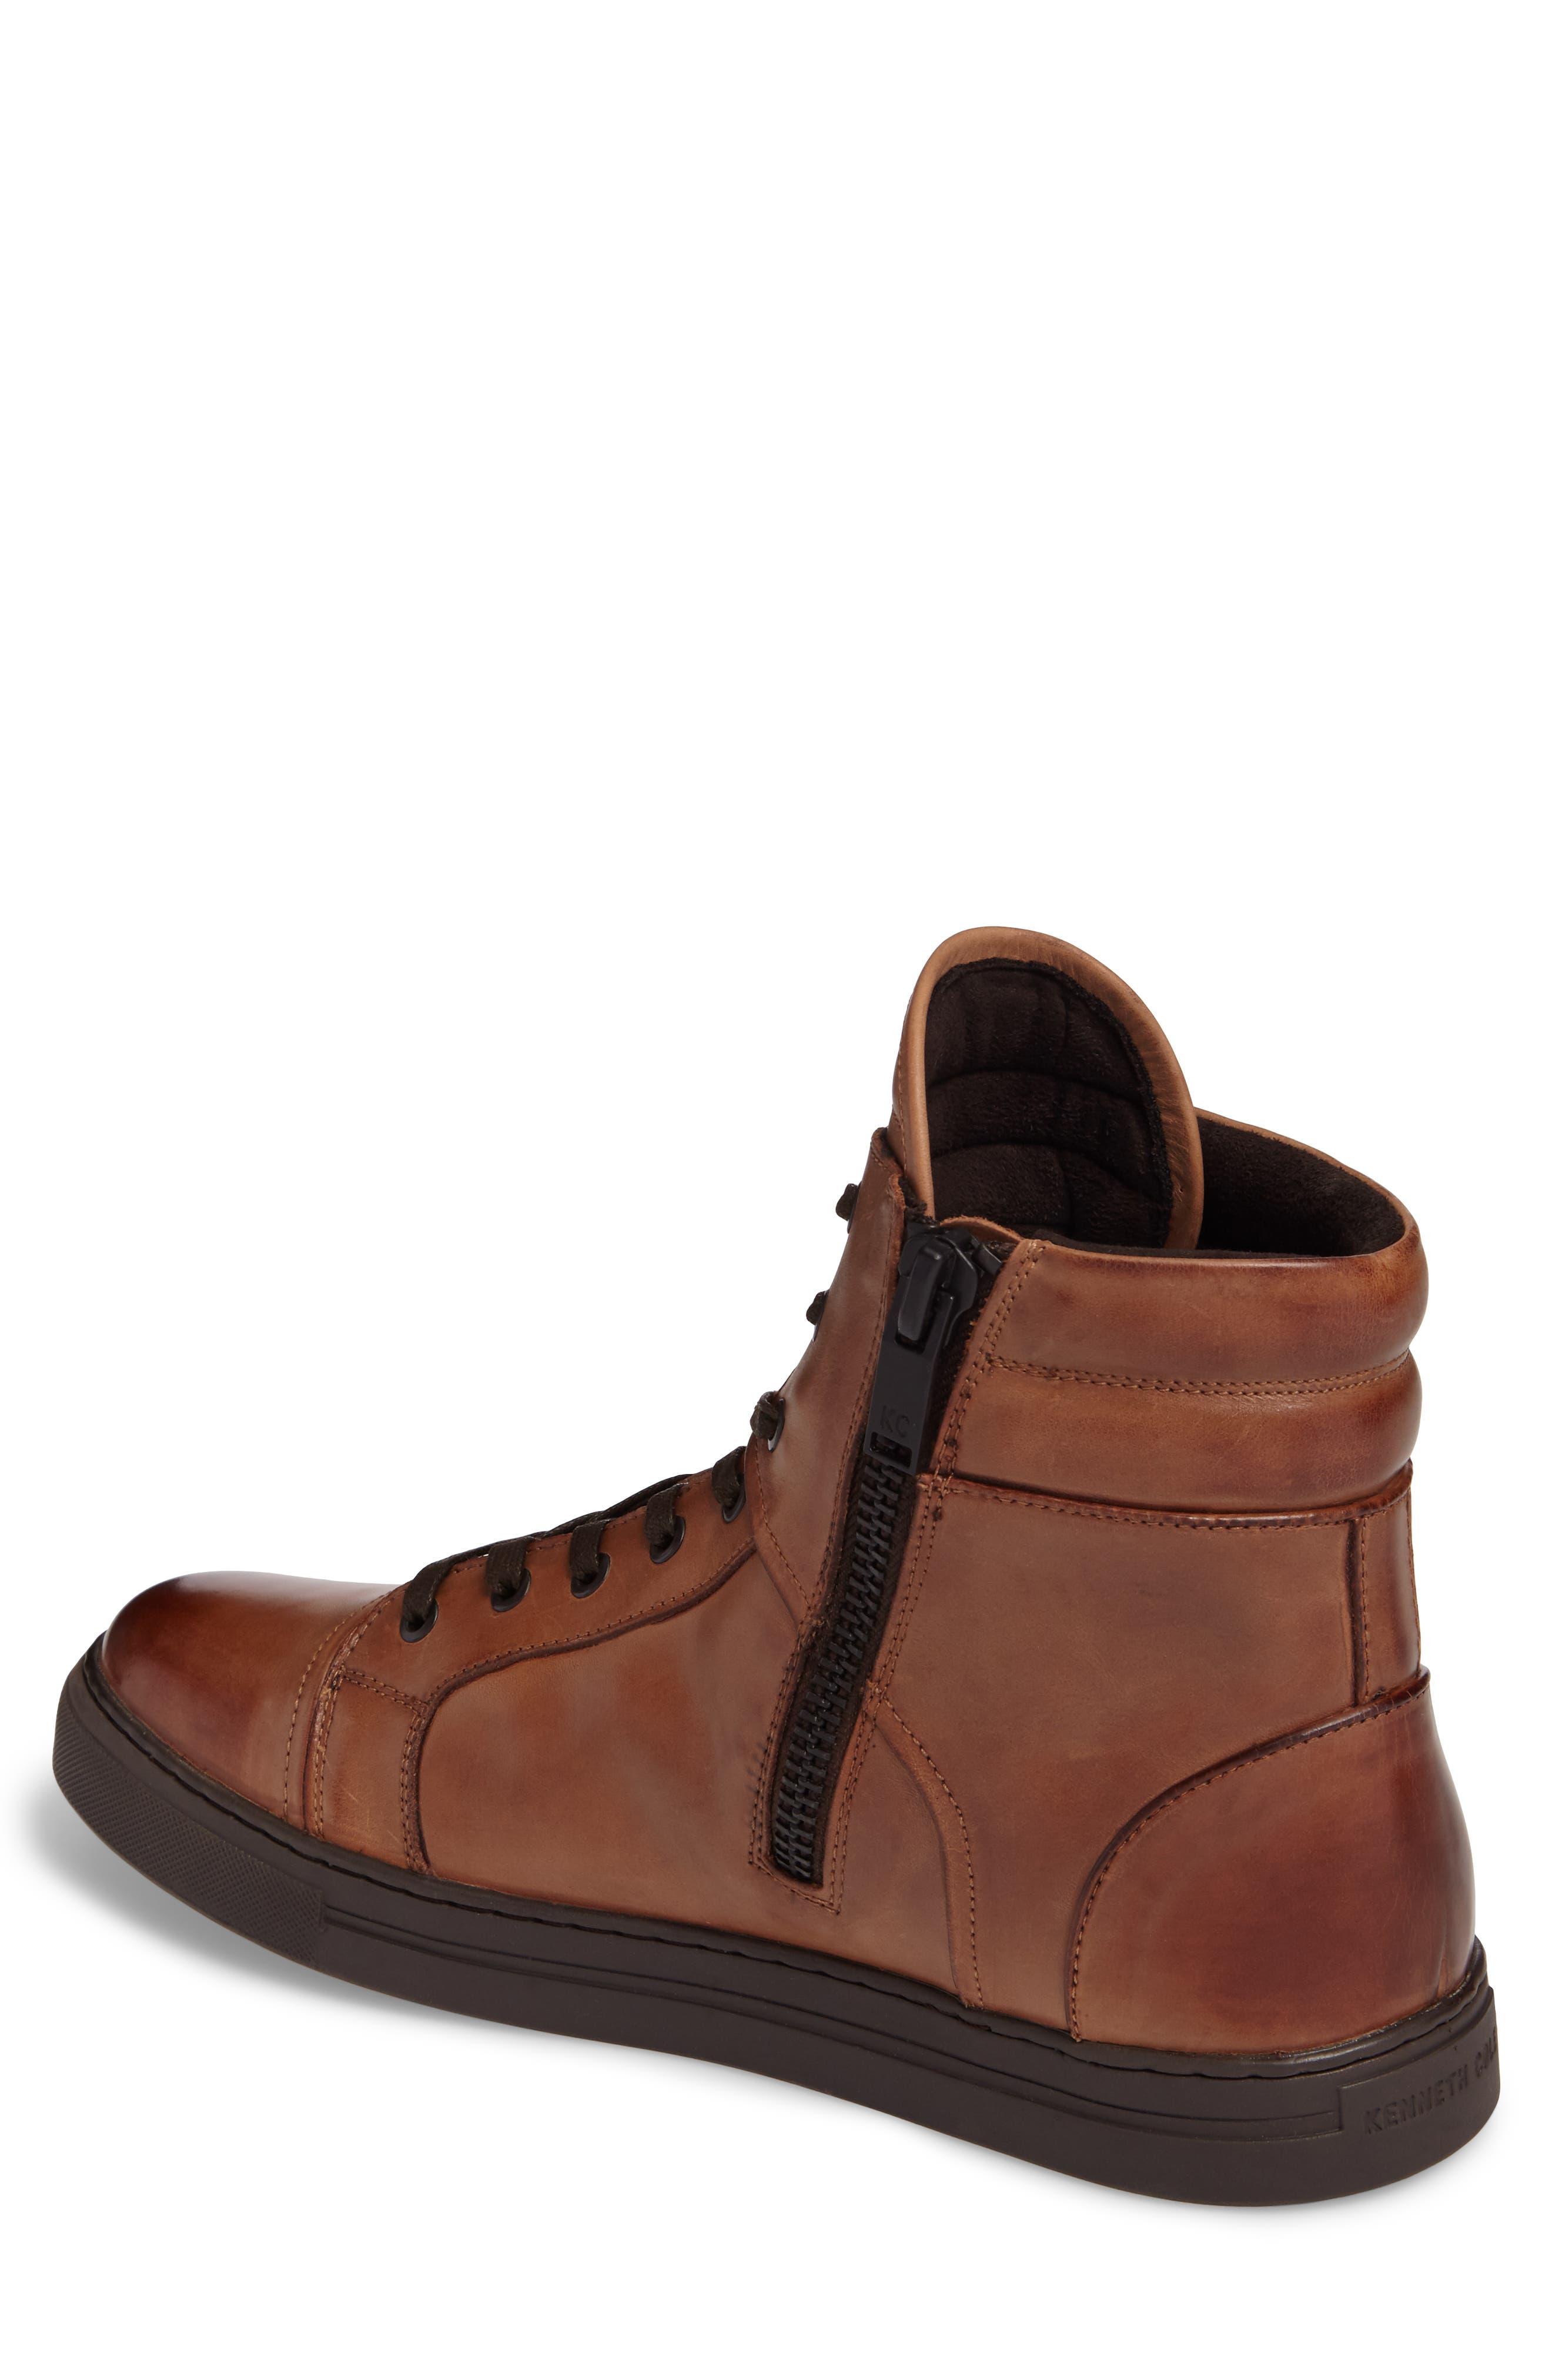 Double Header Sneaker,                             Alternate thumbnail 2, color,                             200